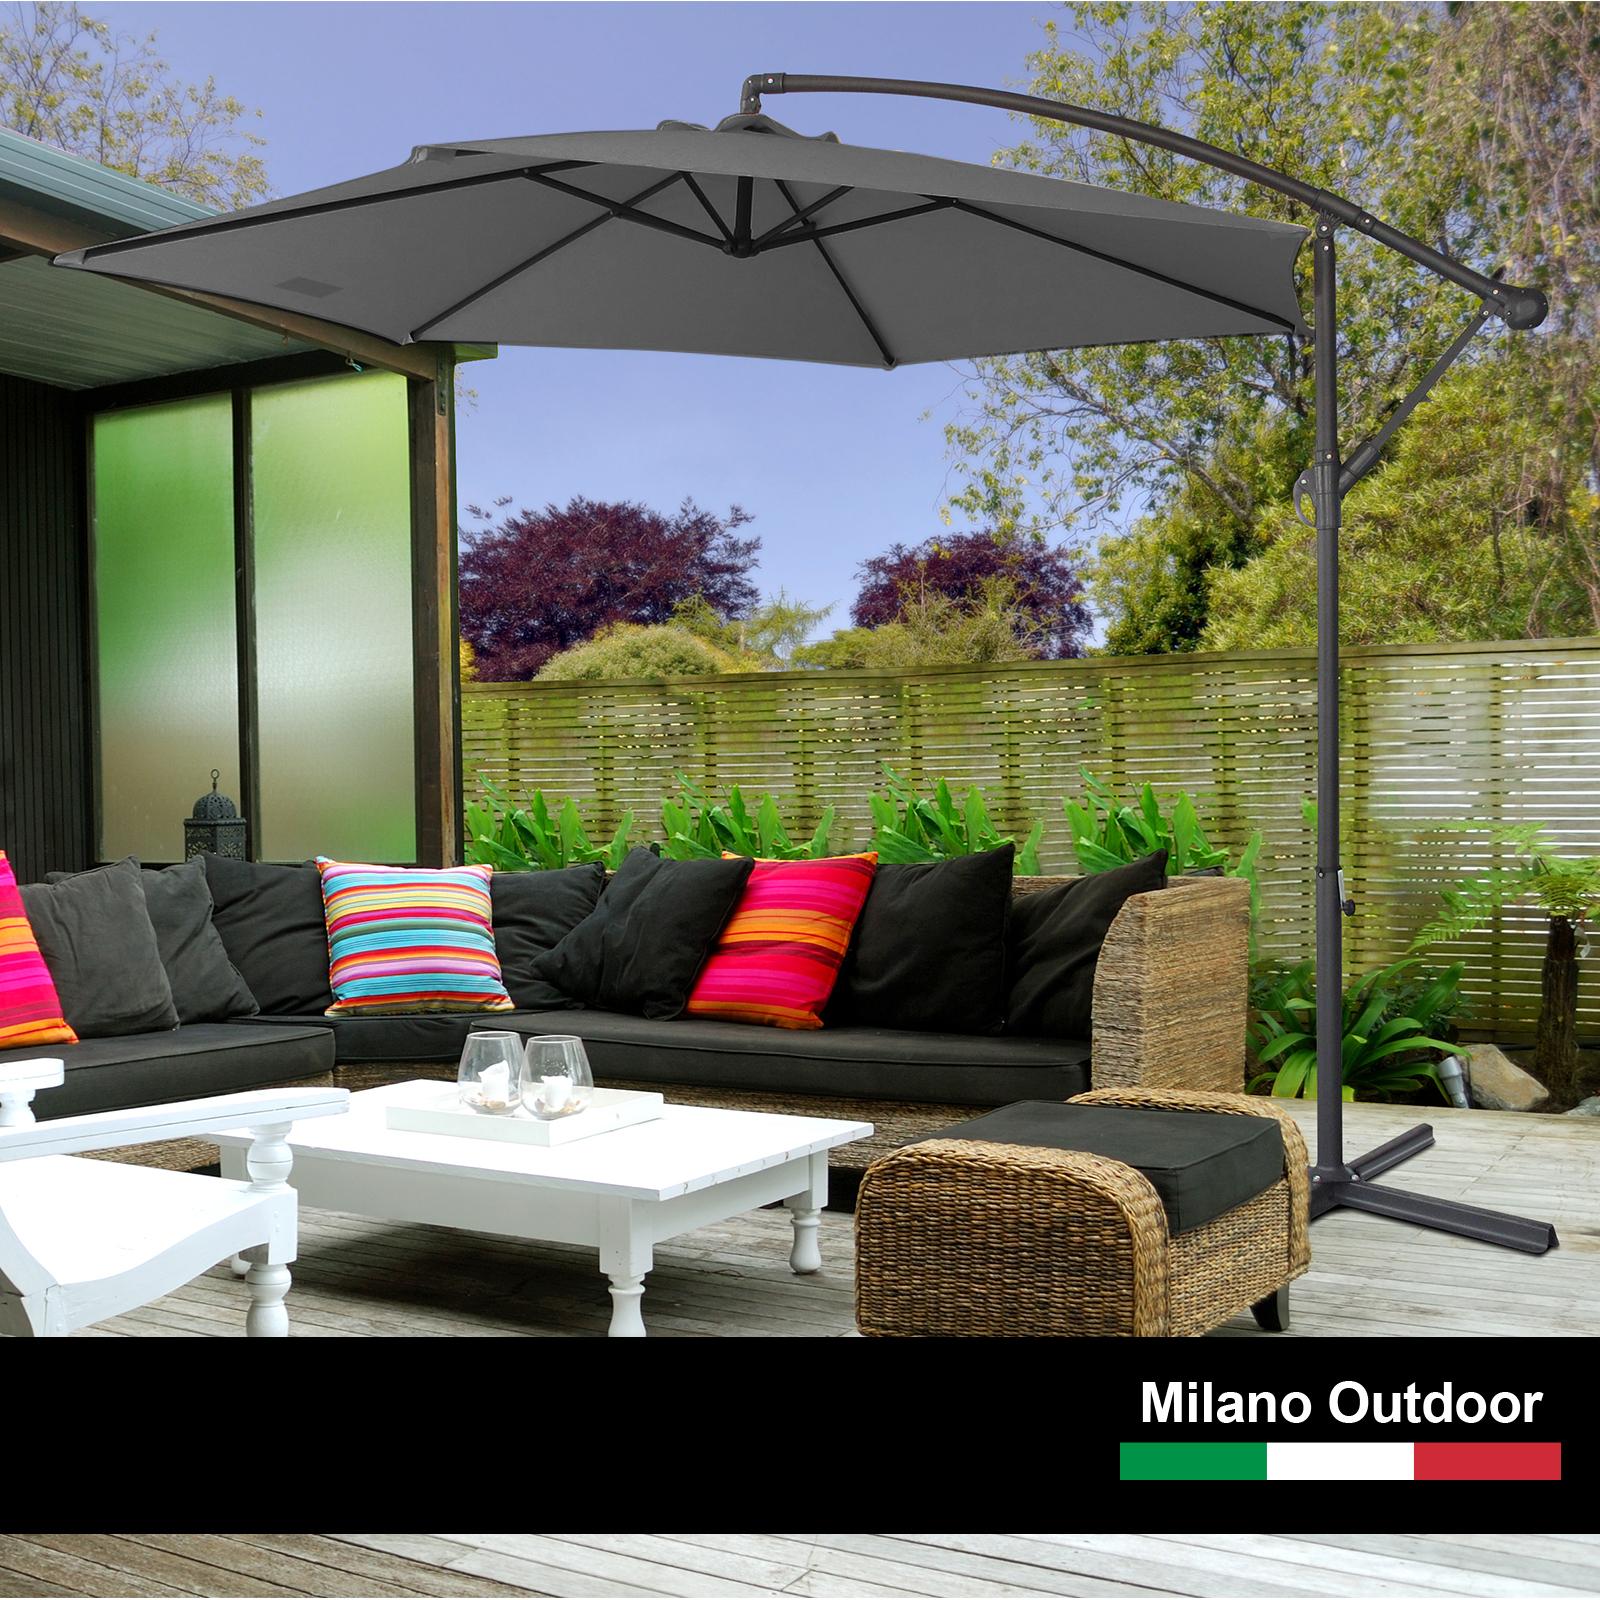 thumbnail 22 - Milano Outdoor 3 Metre Cantilever Umbrella UV Sunshade Garden Patio Deck